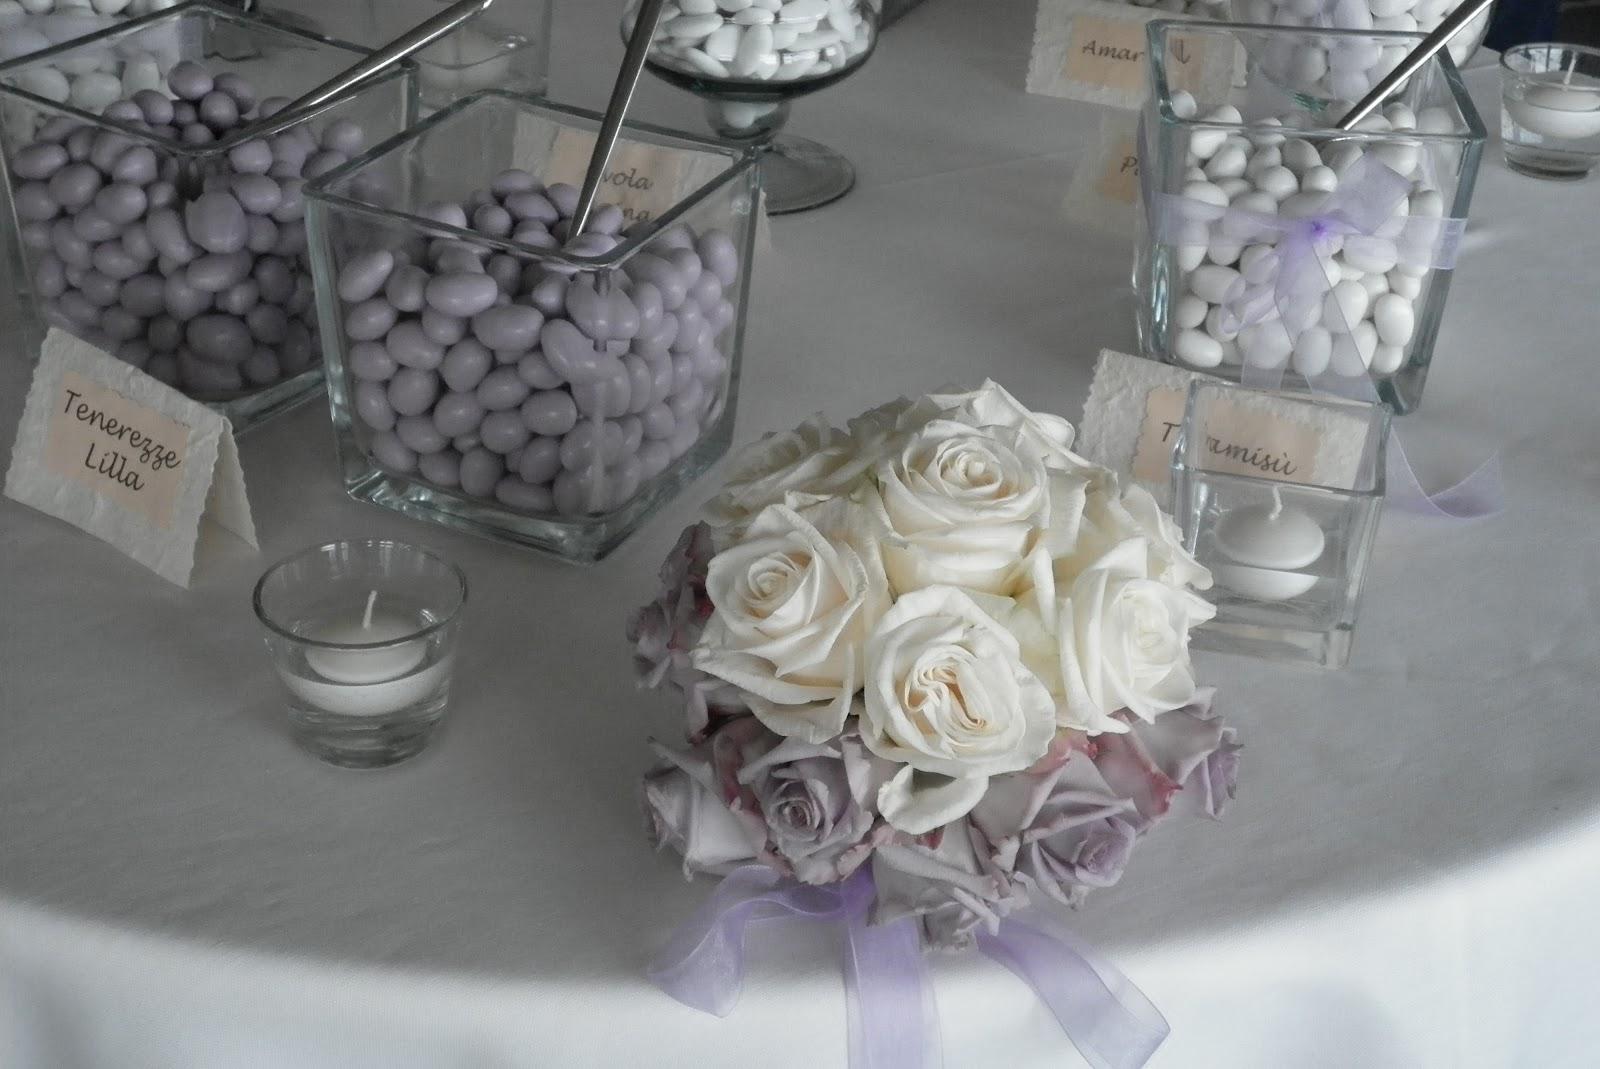 Mareventi wedding planner ravenna allestimenti floreali - Decorazioni per cresima ...